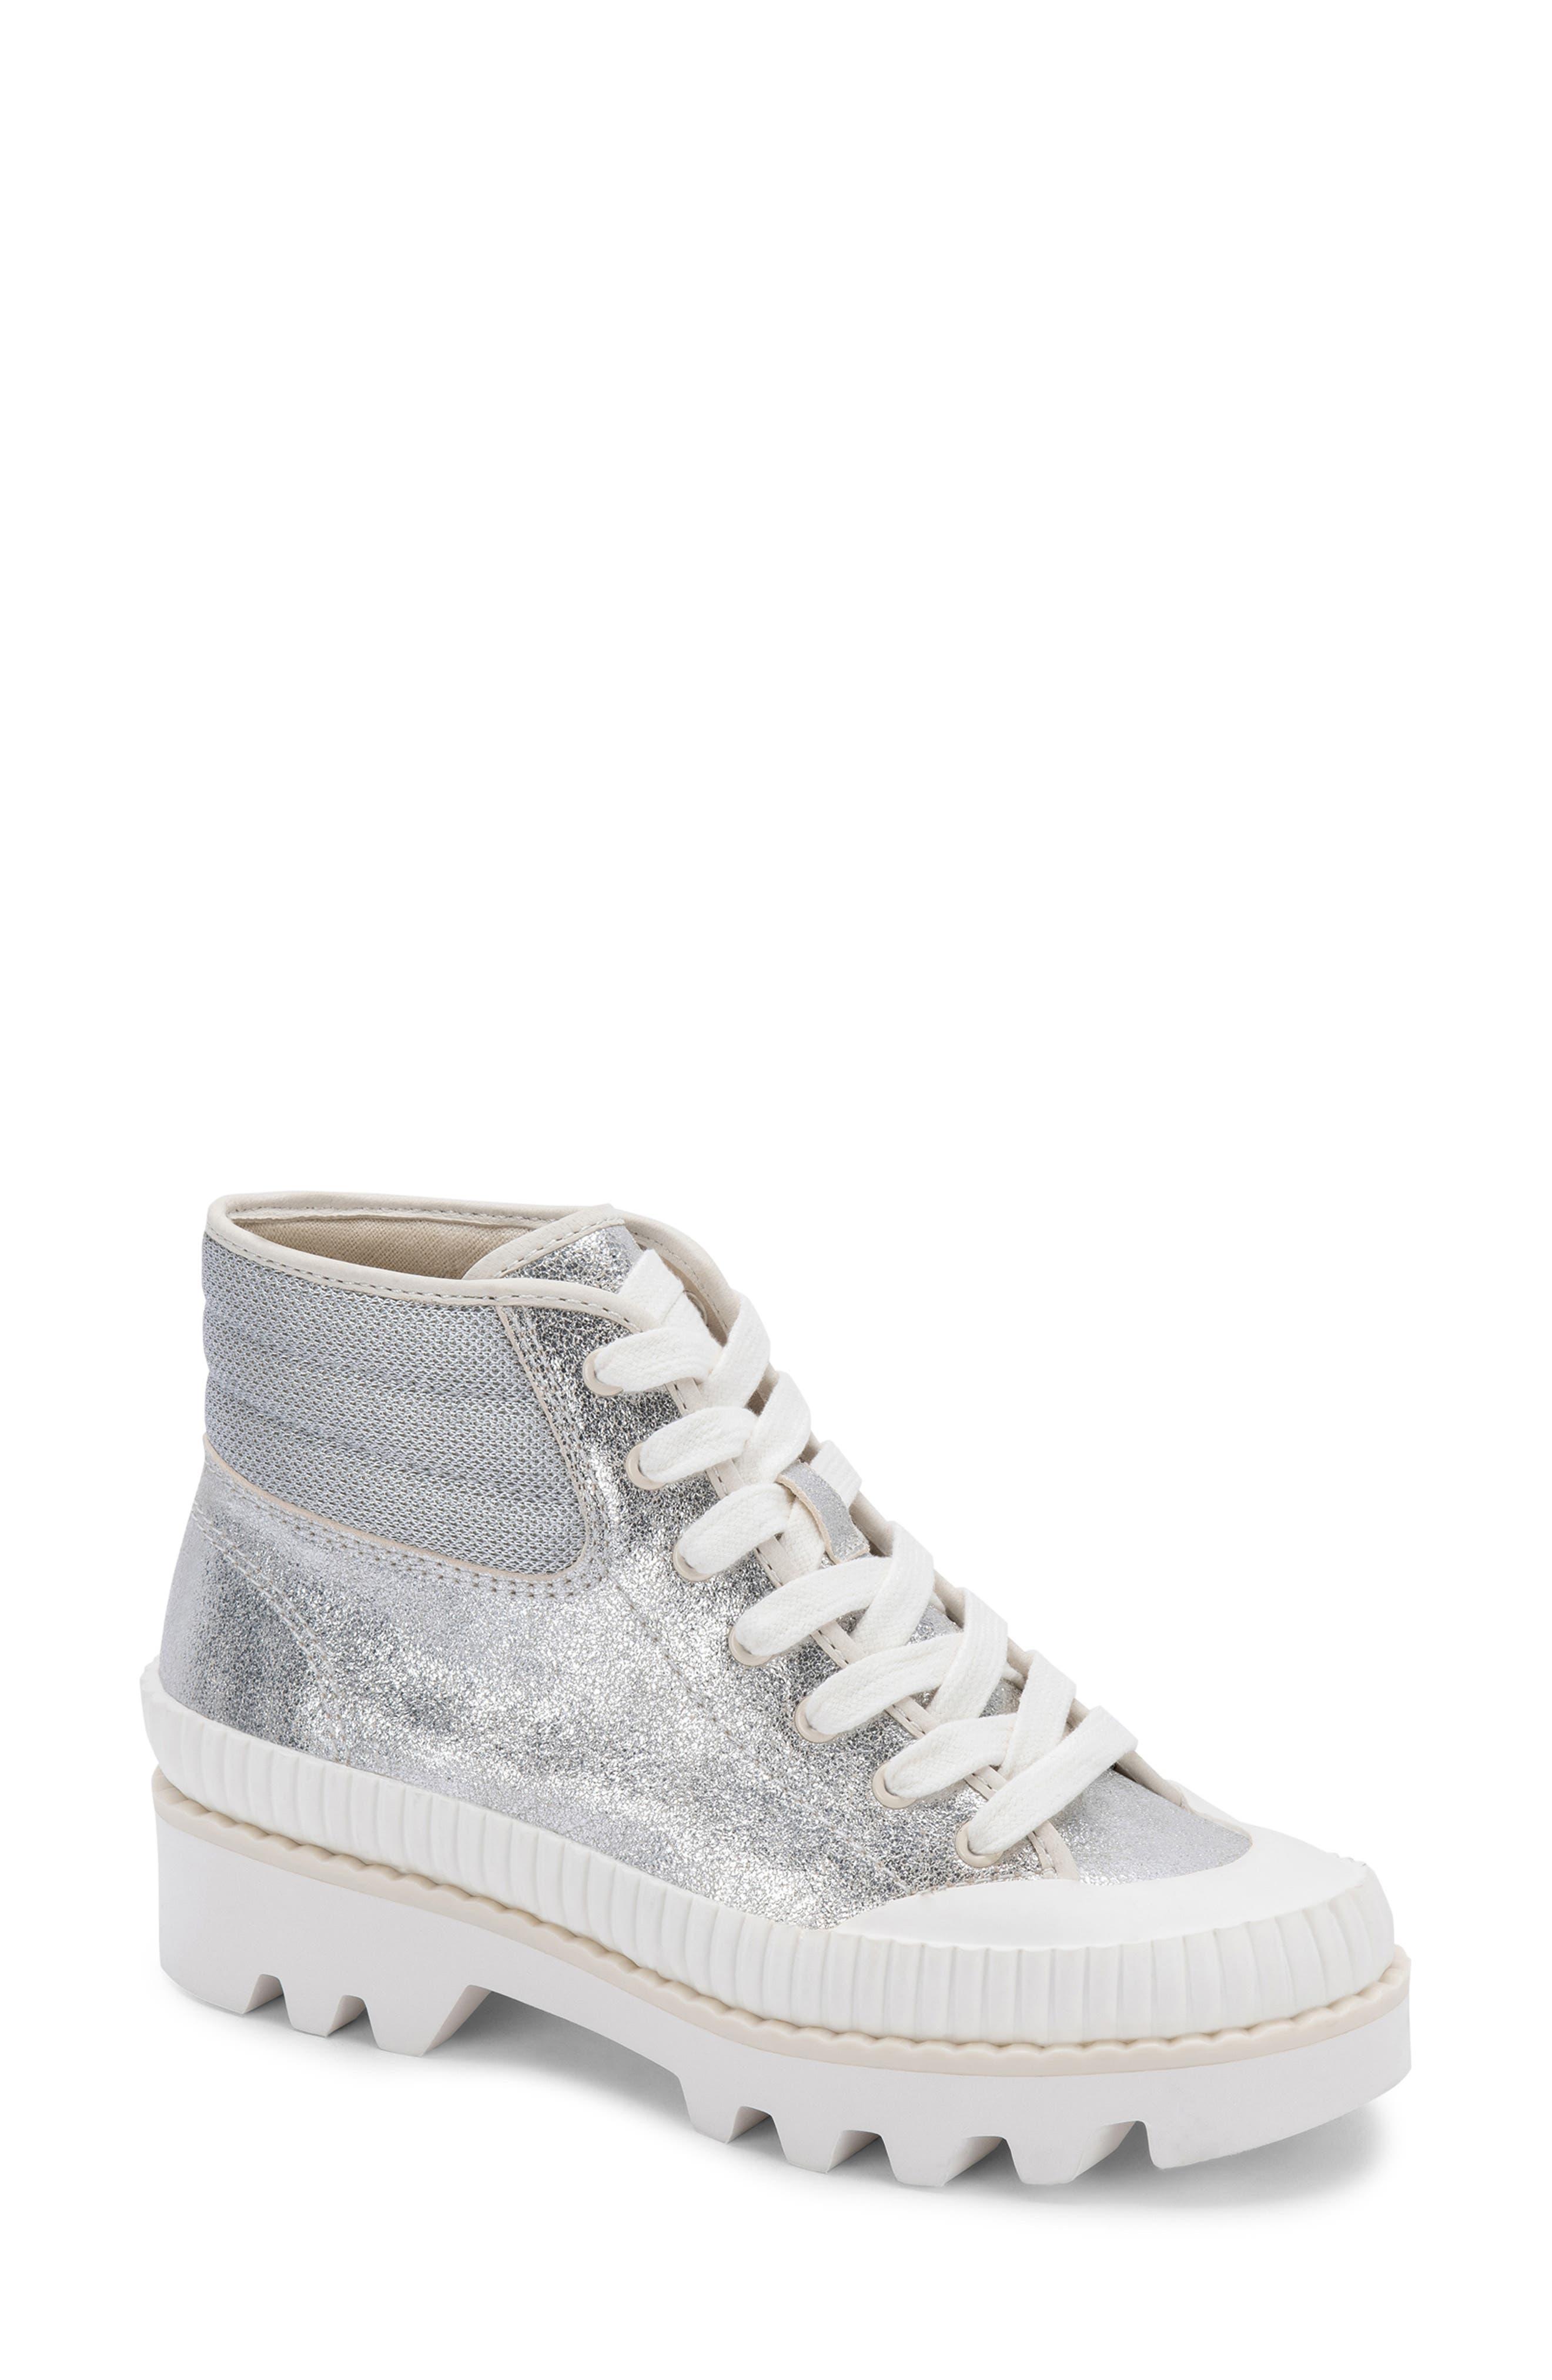 Ociana High Top Lace-Up Platform Sneaker